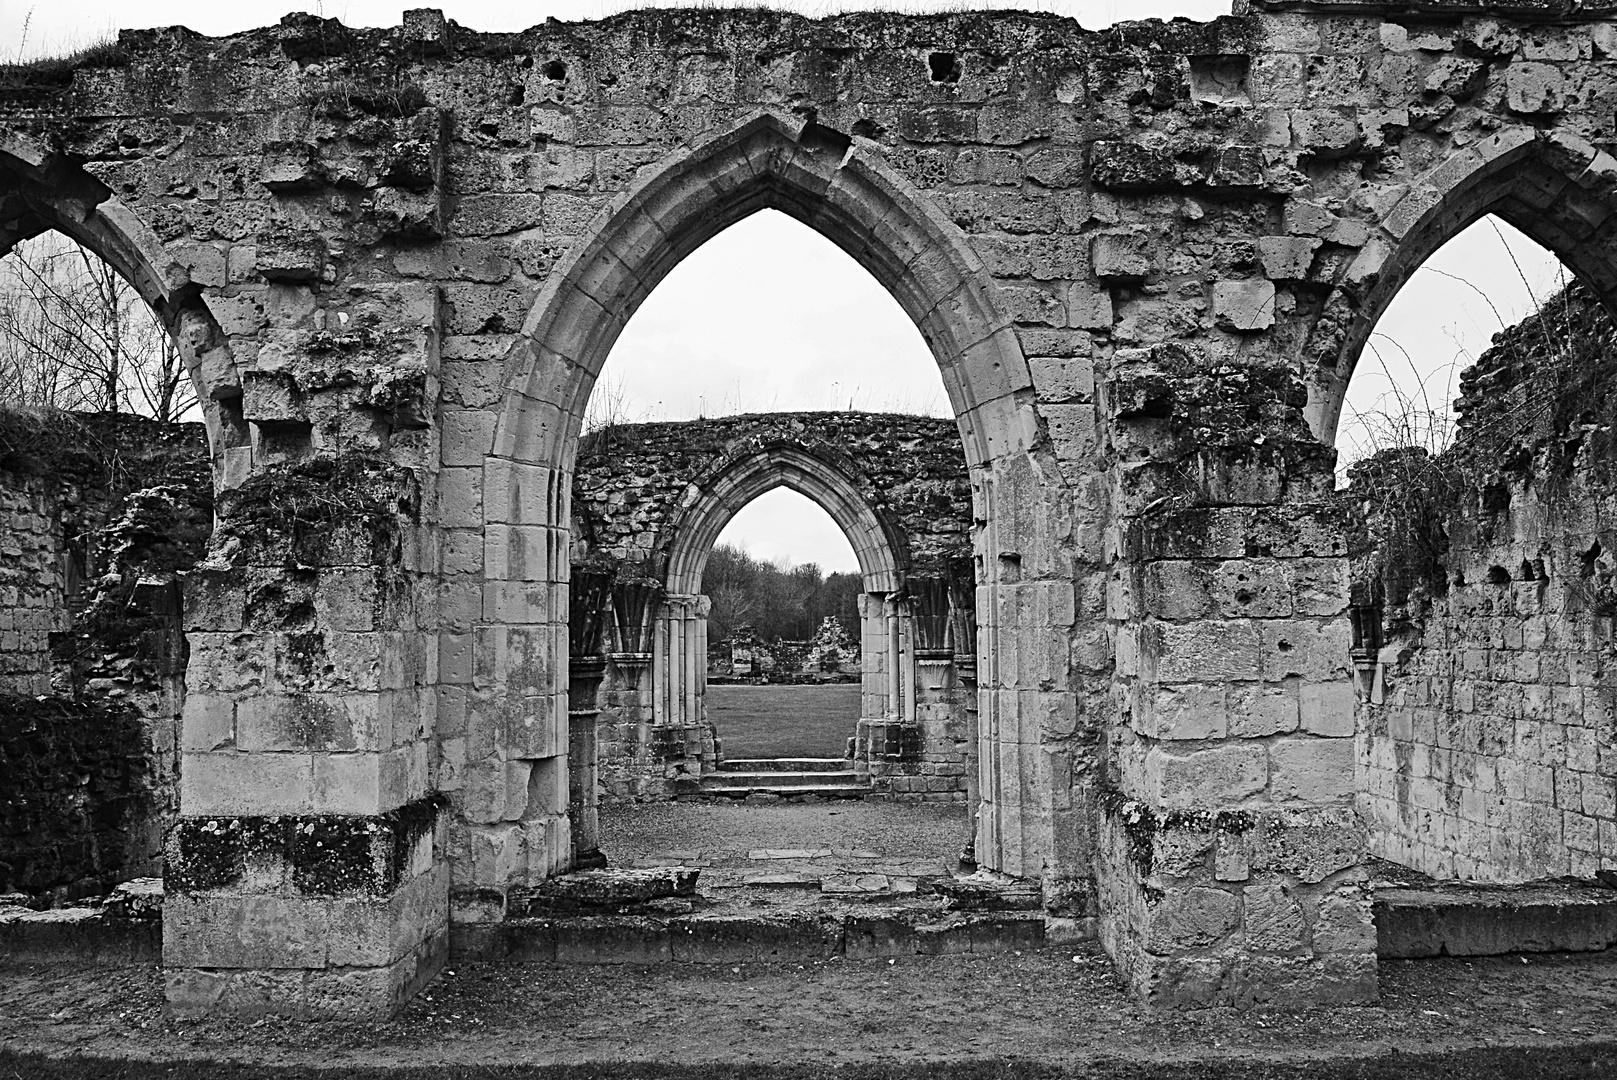 les ruines de l'abbaye de Vauclair 2, Aisne